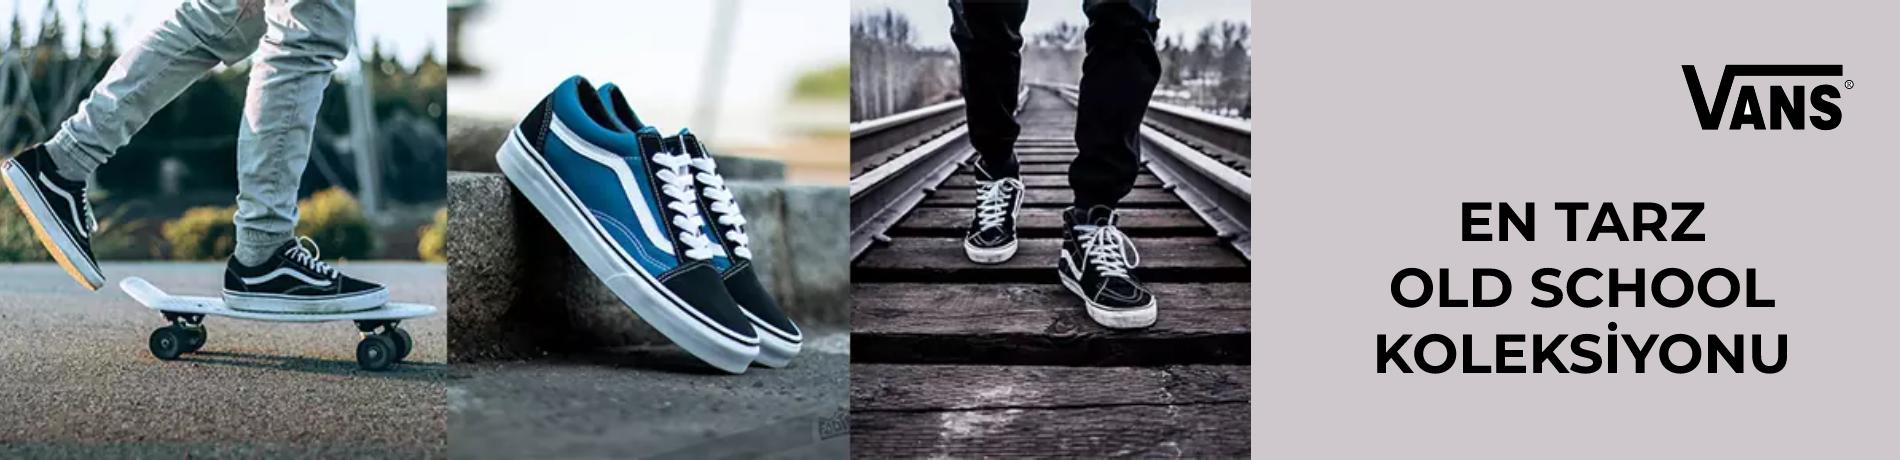 Vans Ayakkabı, Çanta, Aksesuar ve Modelleri